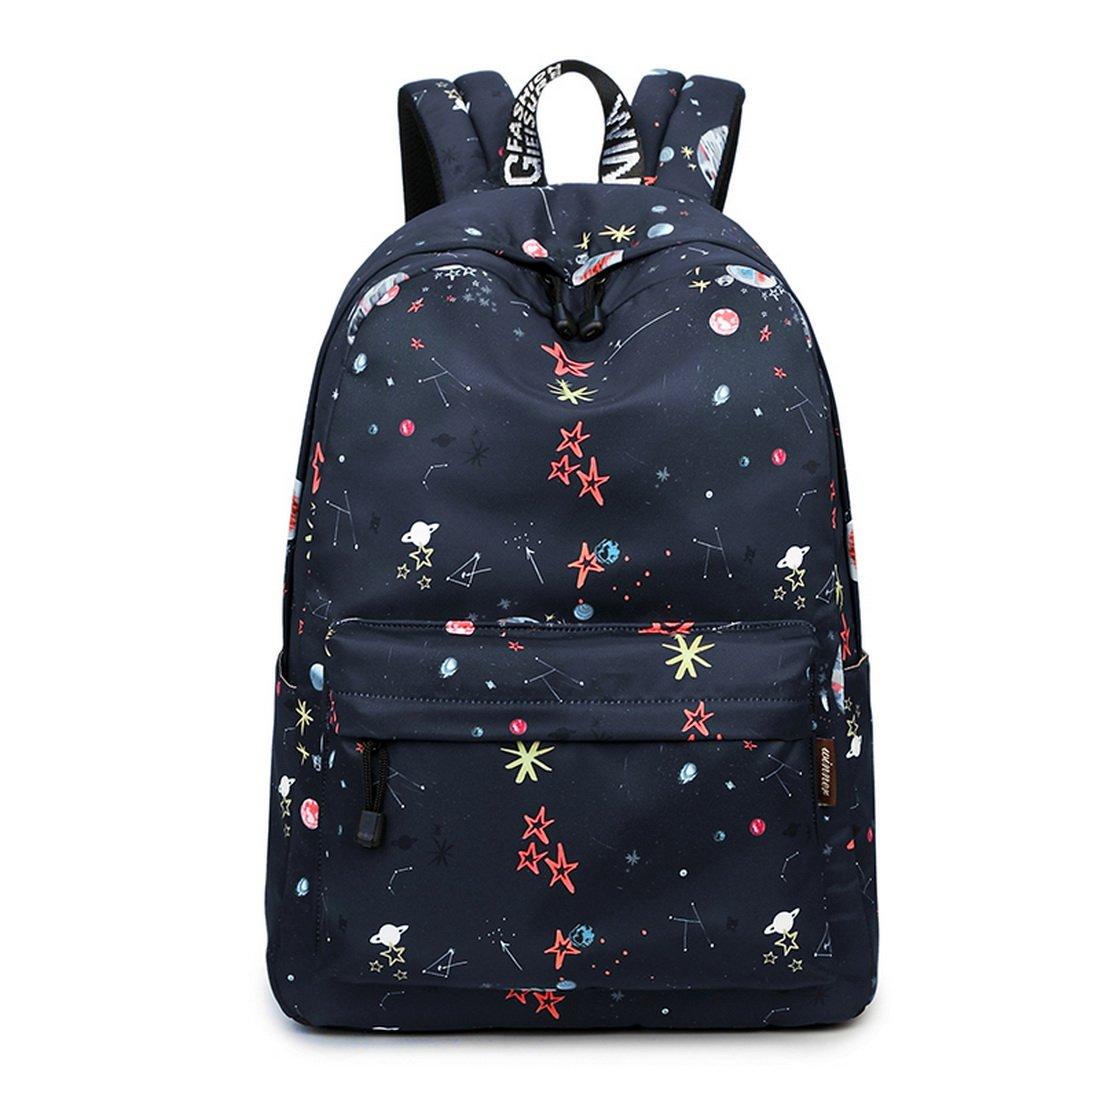 Joymoze Zaino scuola impermeabile per ragazzi e ragazze, zaino borsa libri stampata molto carina Cactus 844 JYBP844CAC